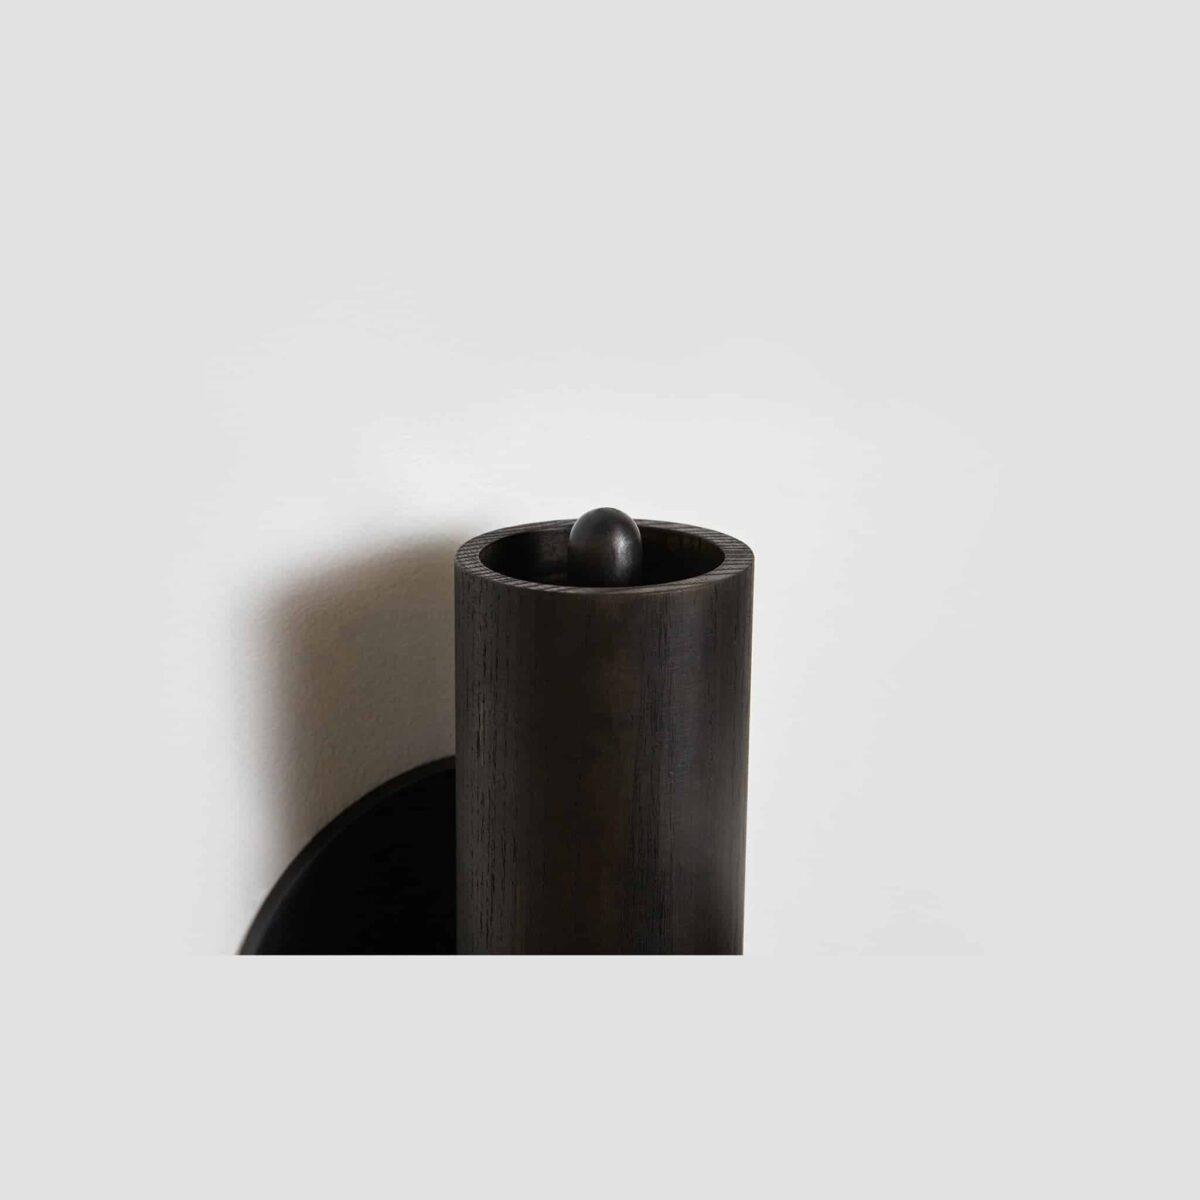 workstead-lodge-sconce-oxidised-oak-003